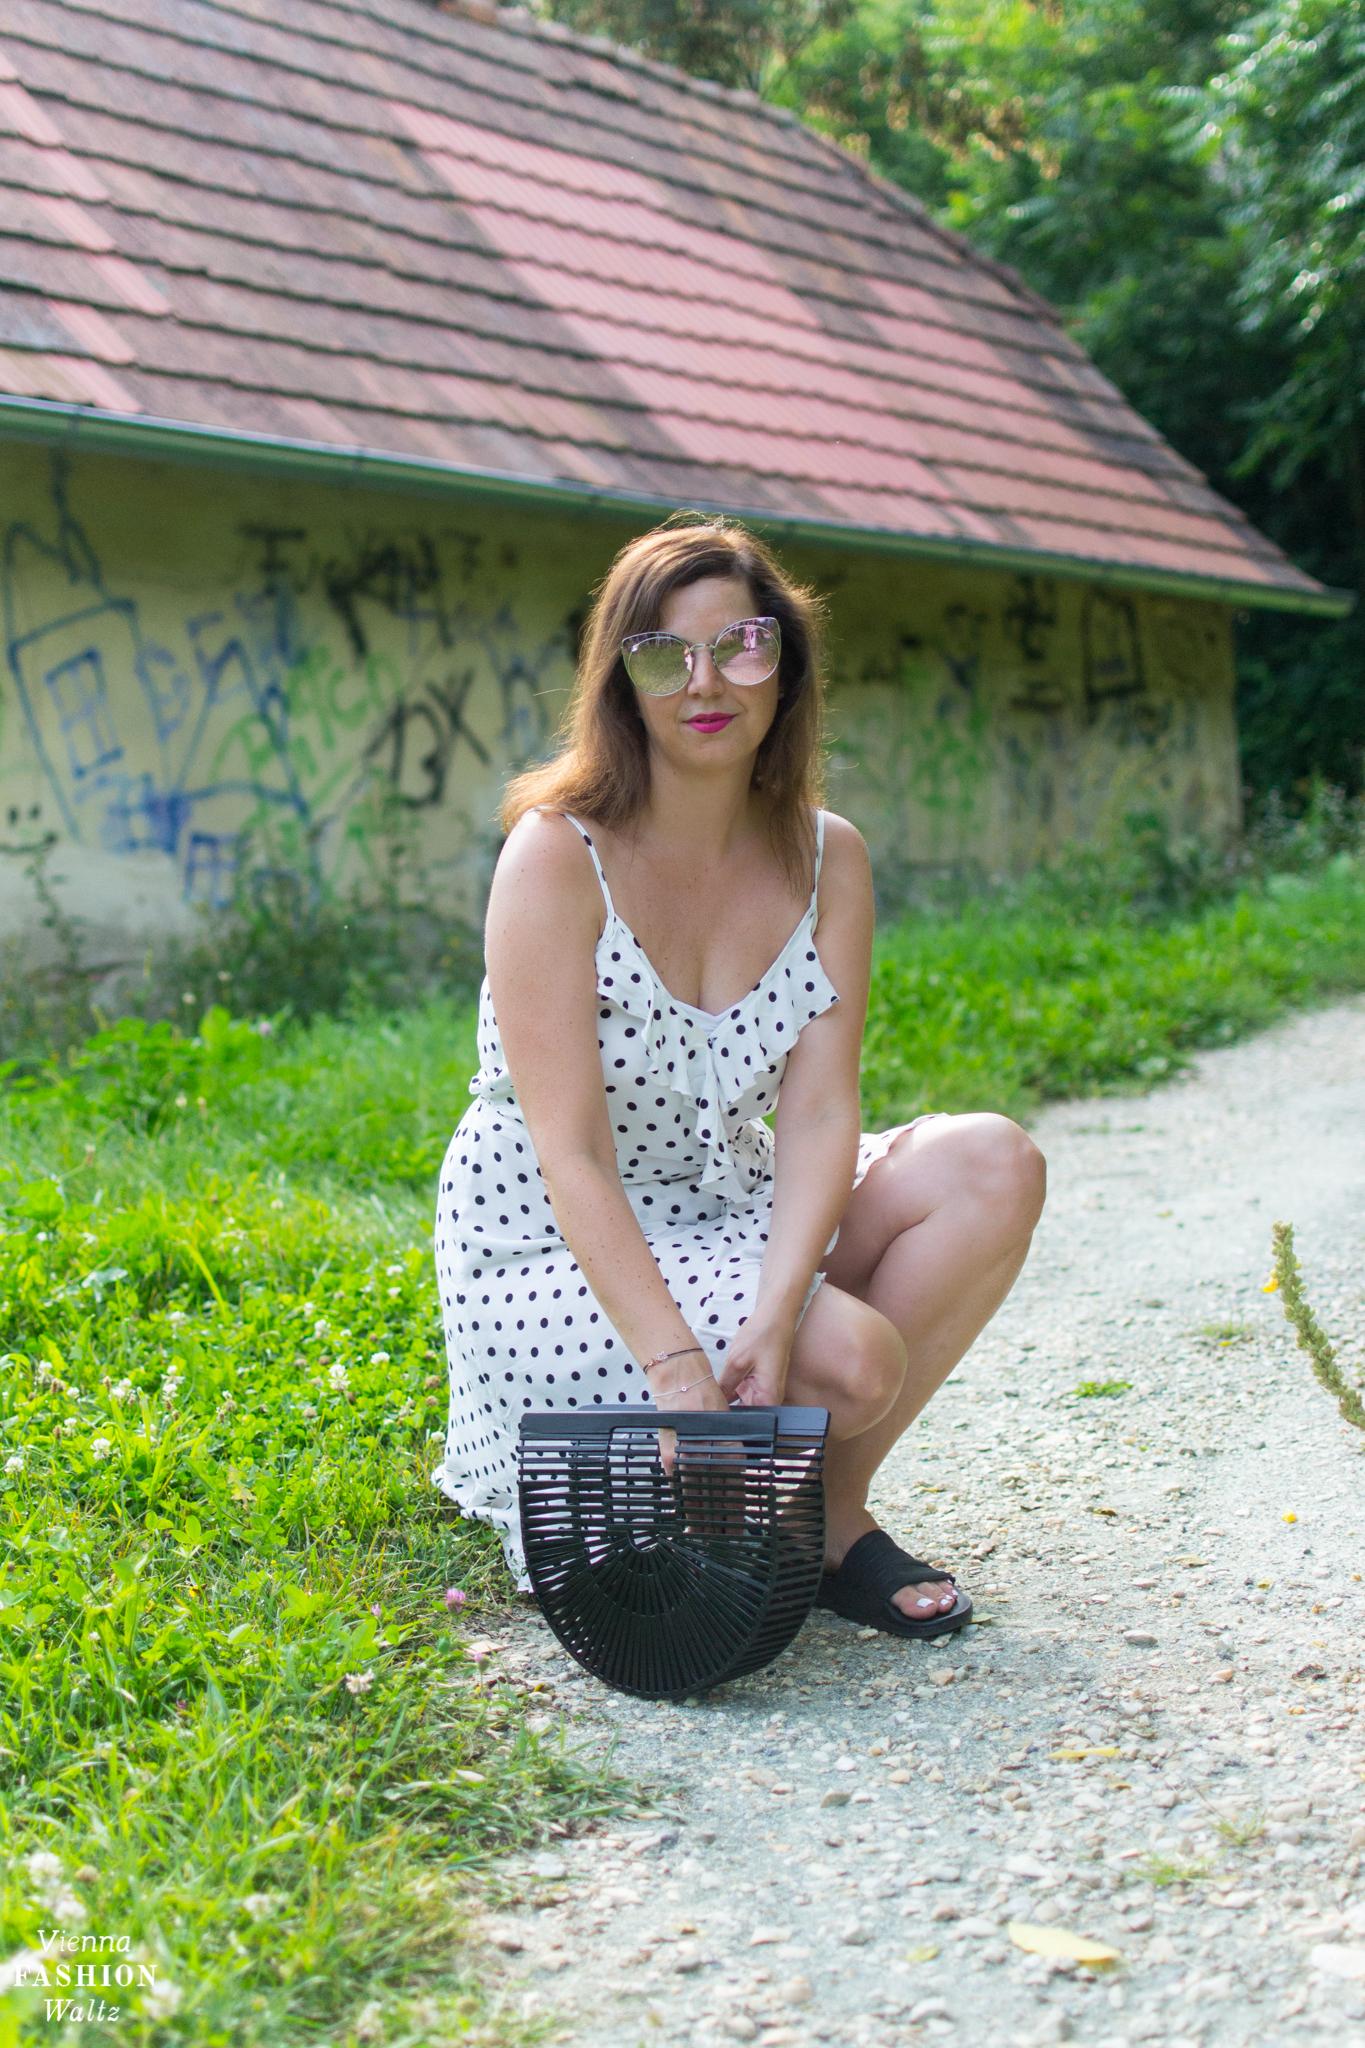 H&M Wickelkleid Adiletten Cult Gaia Ark Vienna Fashion Waltz Blog